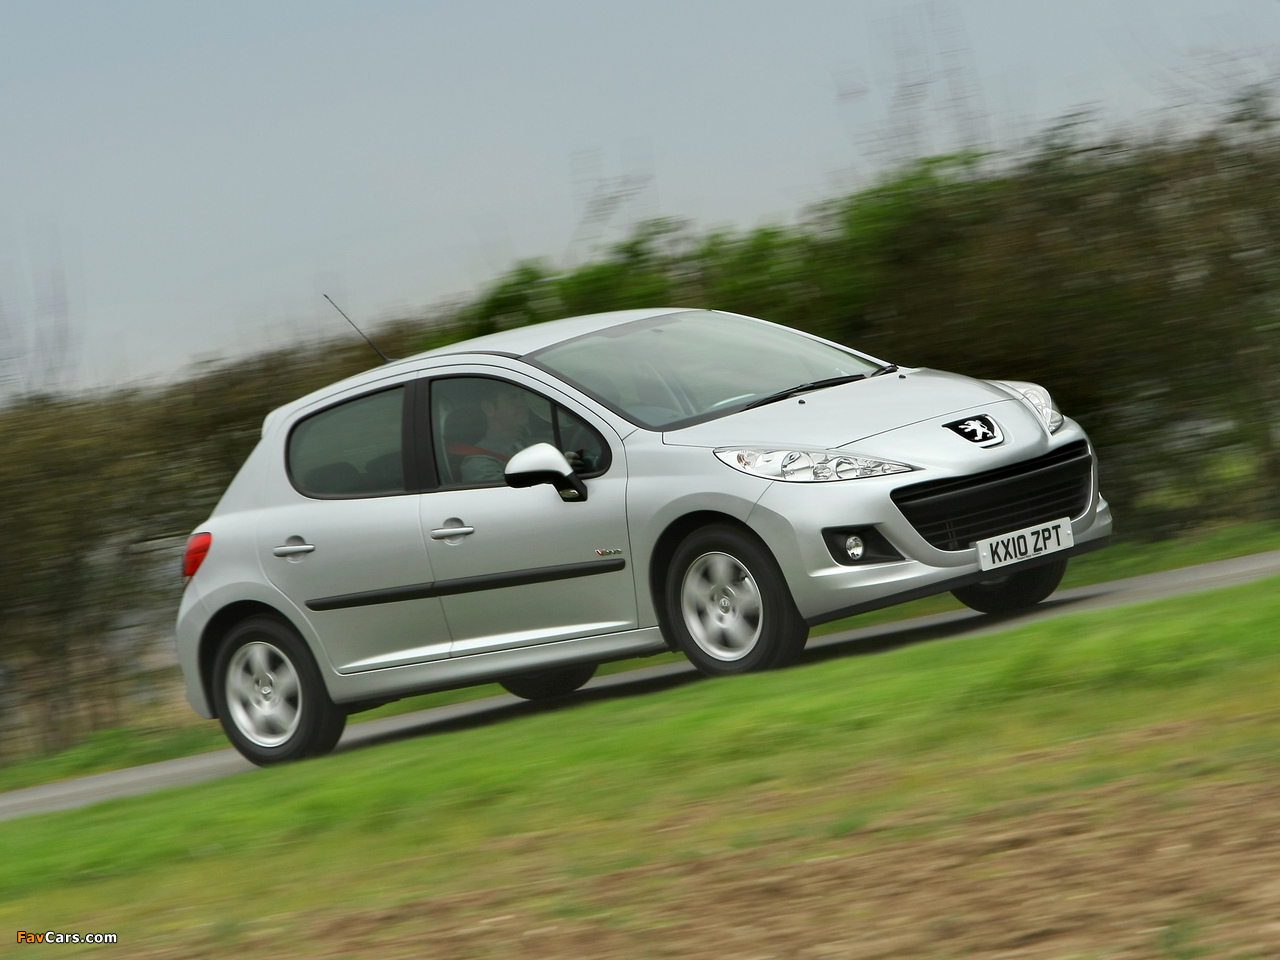 Pictures of Peugeot 207 5-door Verve 2009 (1280 x 960)